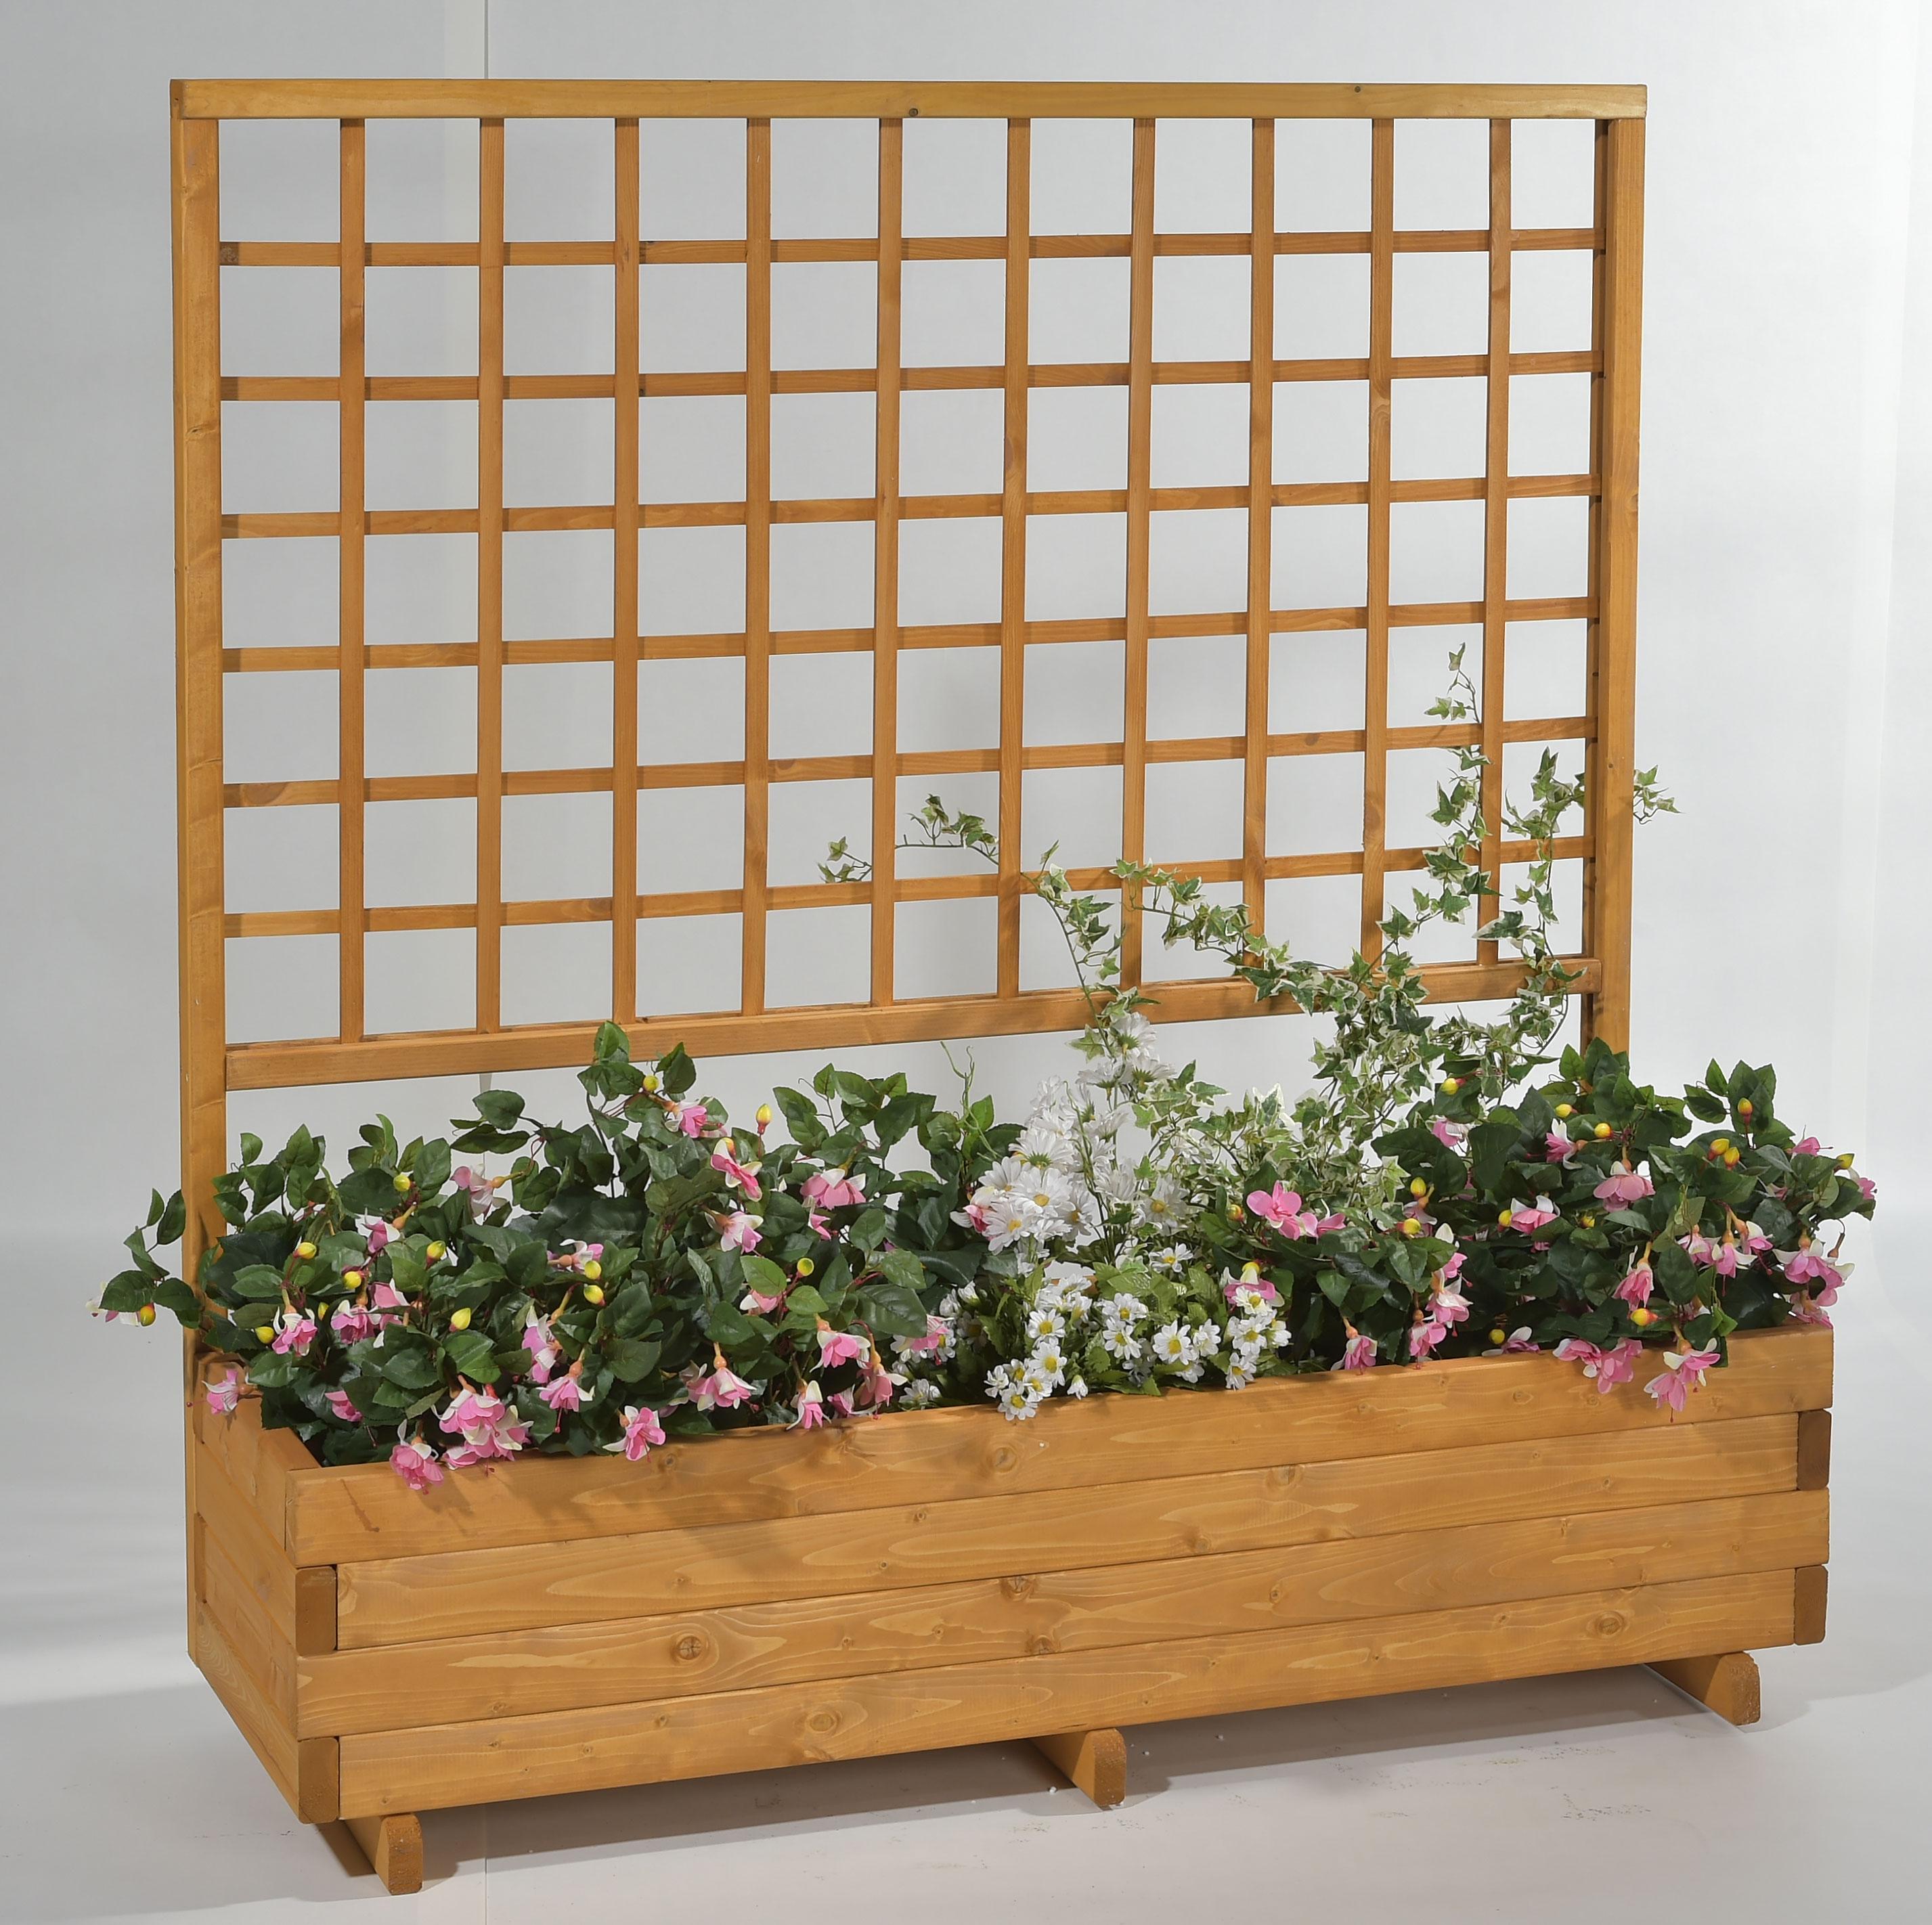 Blumenkasten mit Rankgitter Hellbrunn 136x37x140cm honig Bild 1